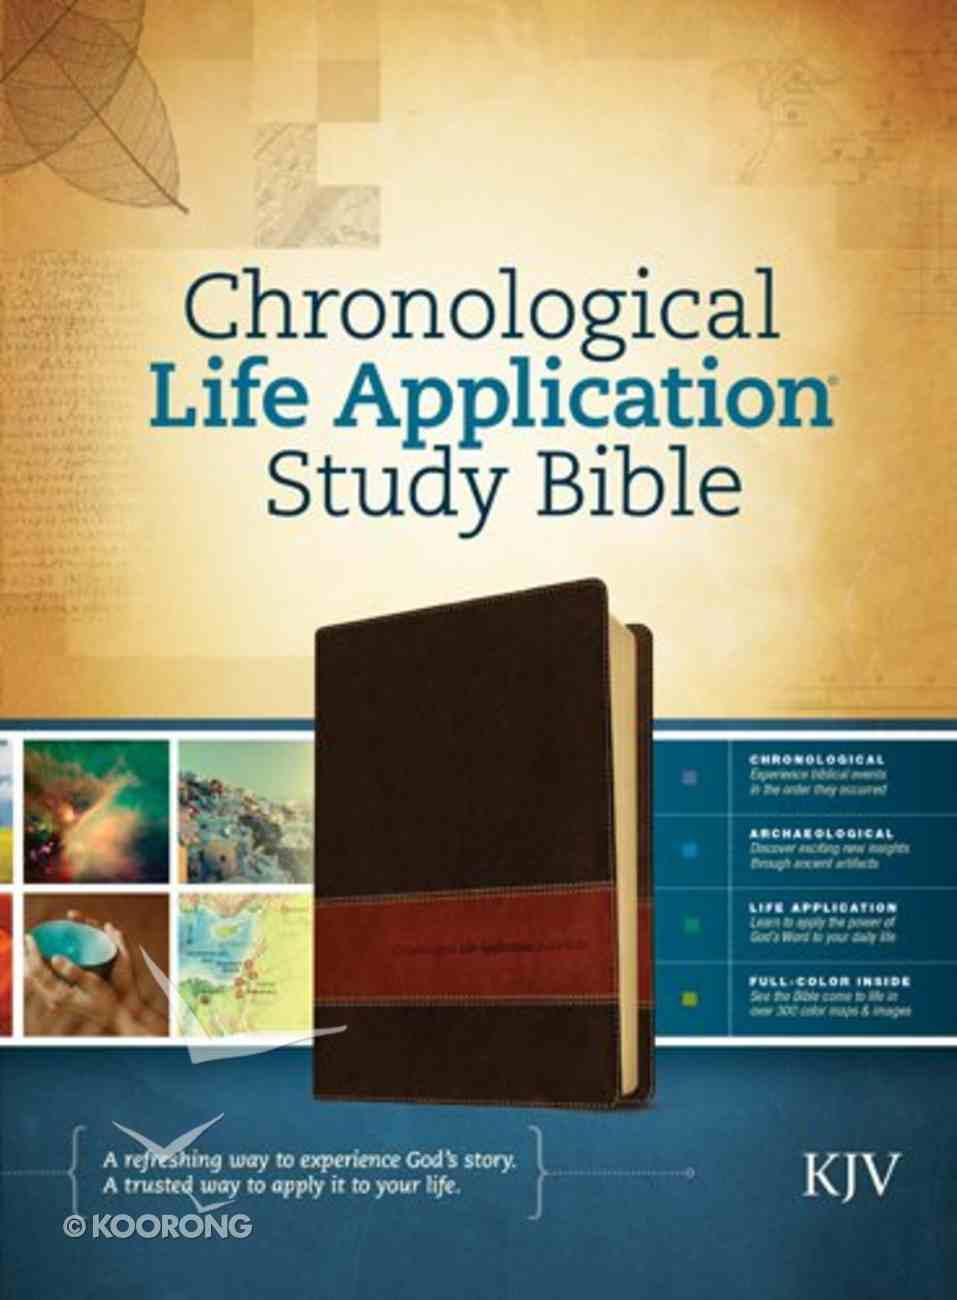 KJV Chronological Life Application Study Bible Brown/Tan Imitation Leather